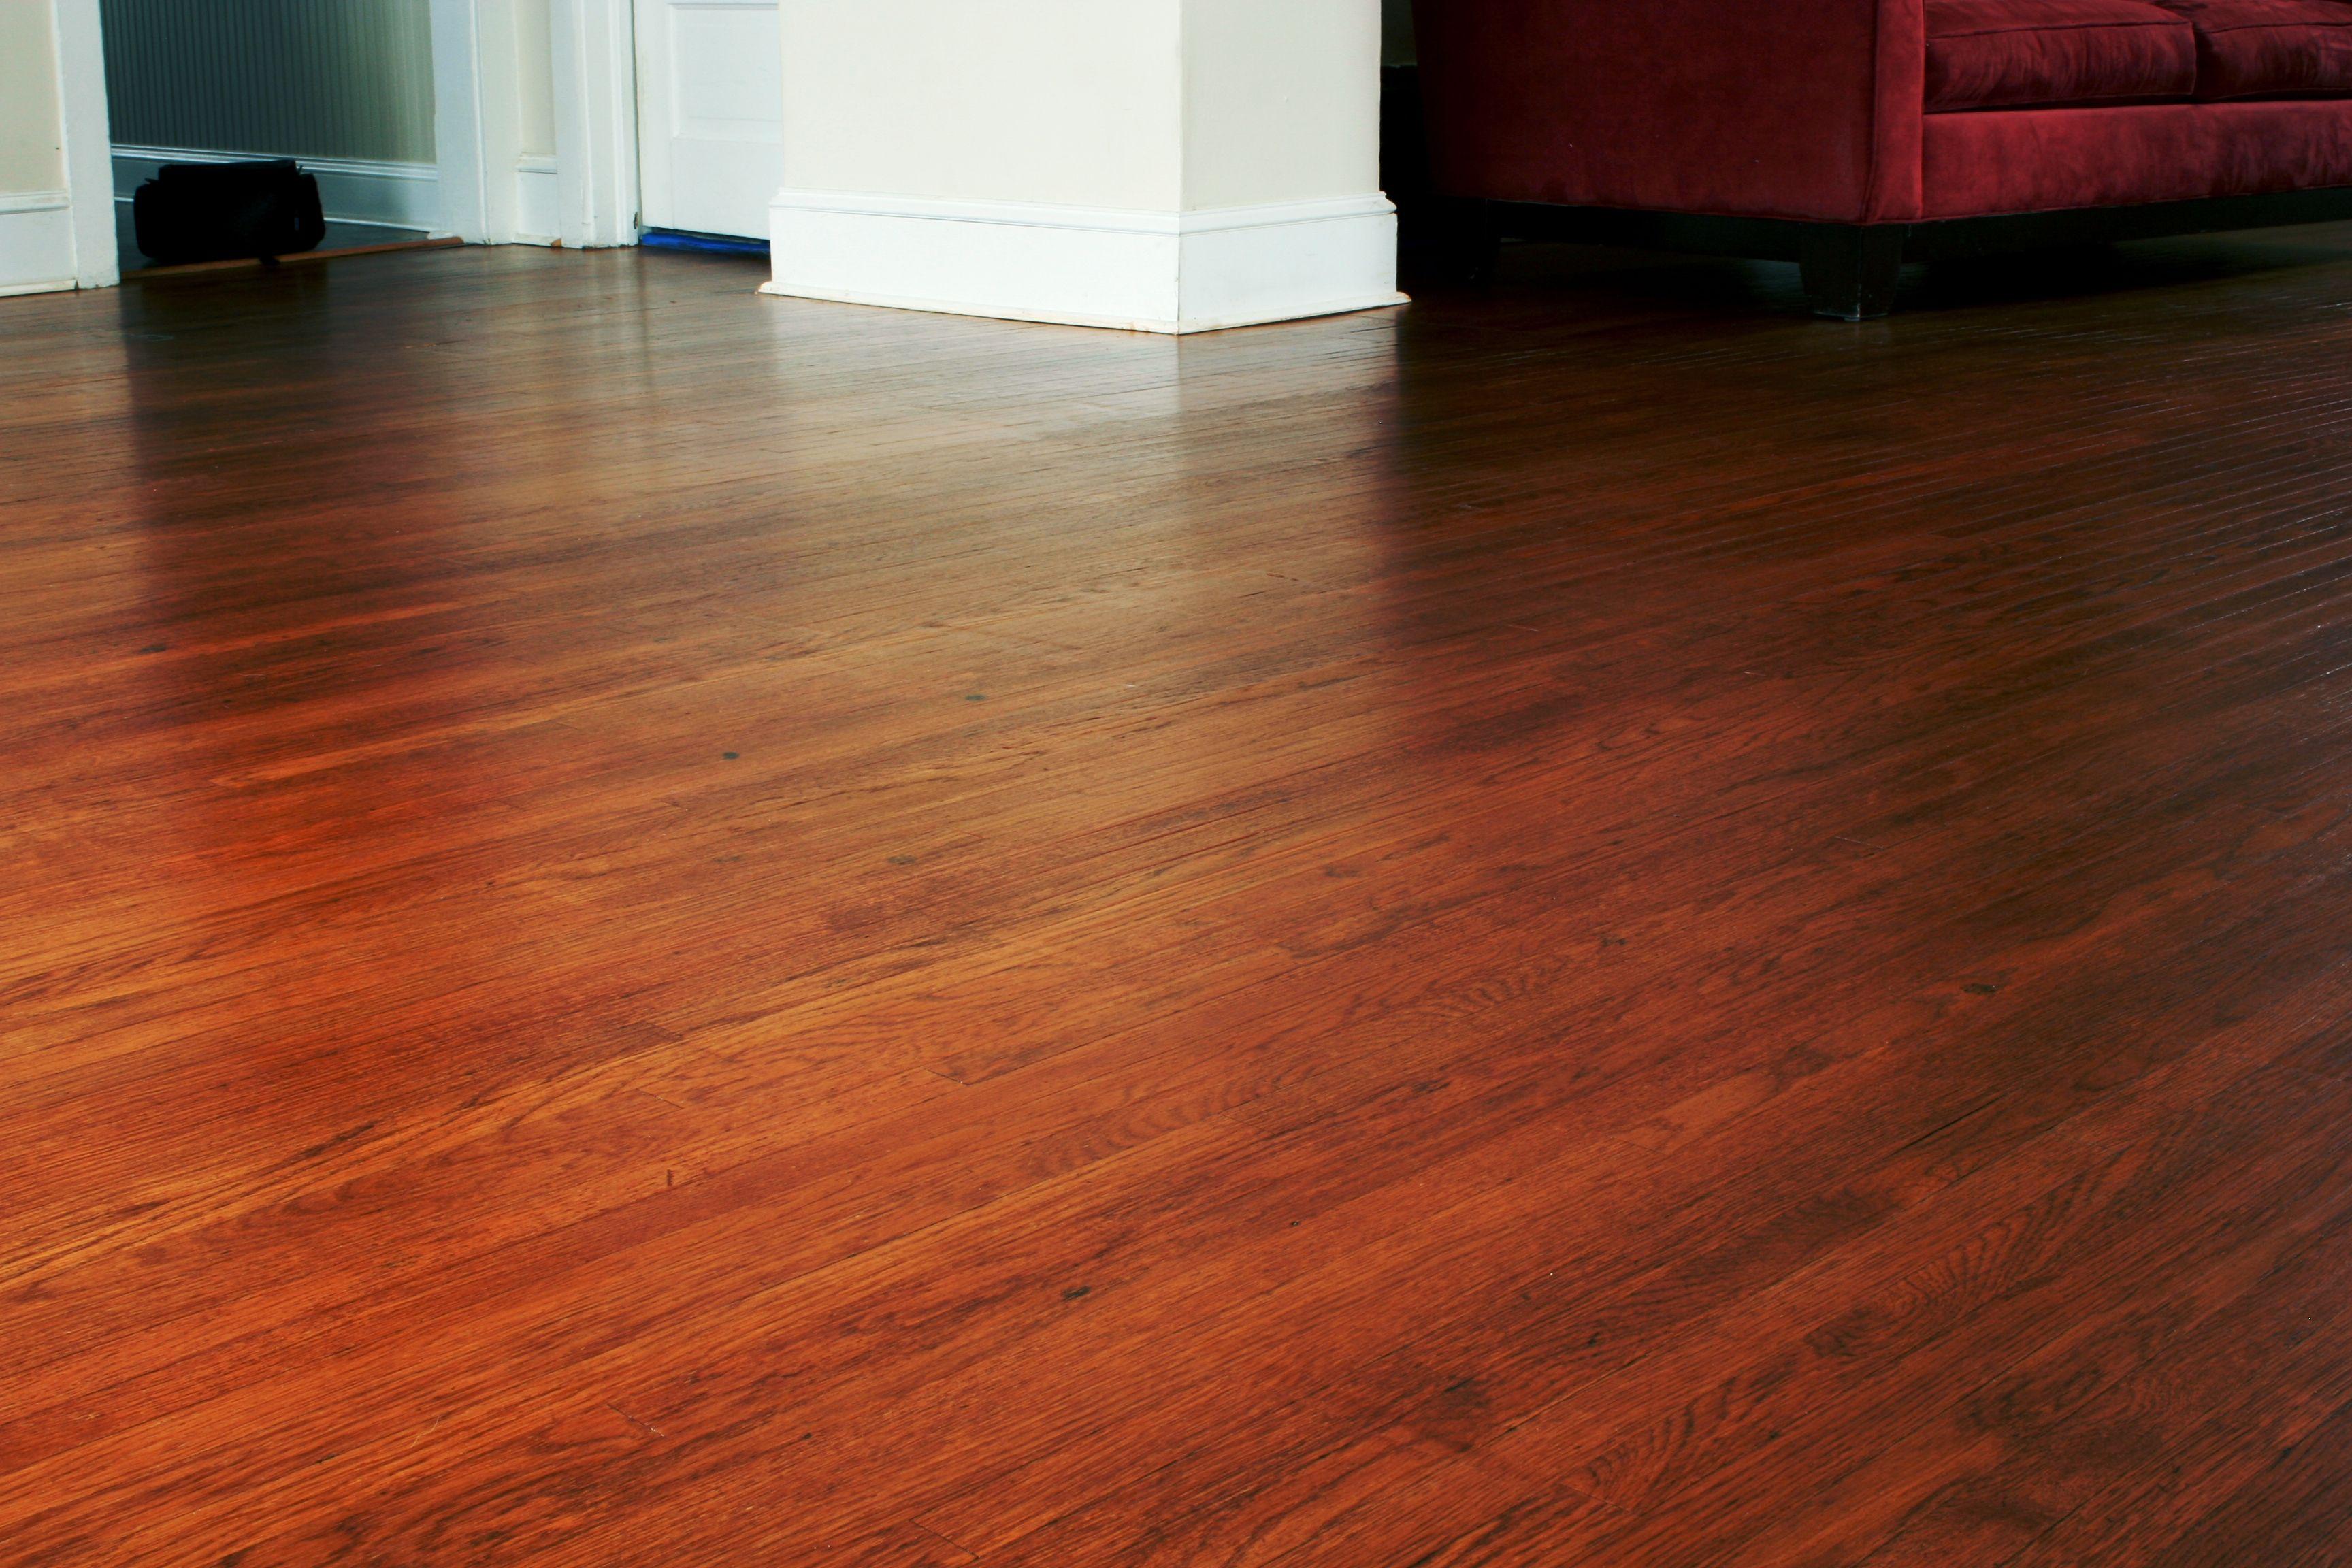 Restored Old Floors Refinish Old Wood Floors Pine Wood Floors